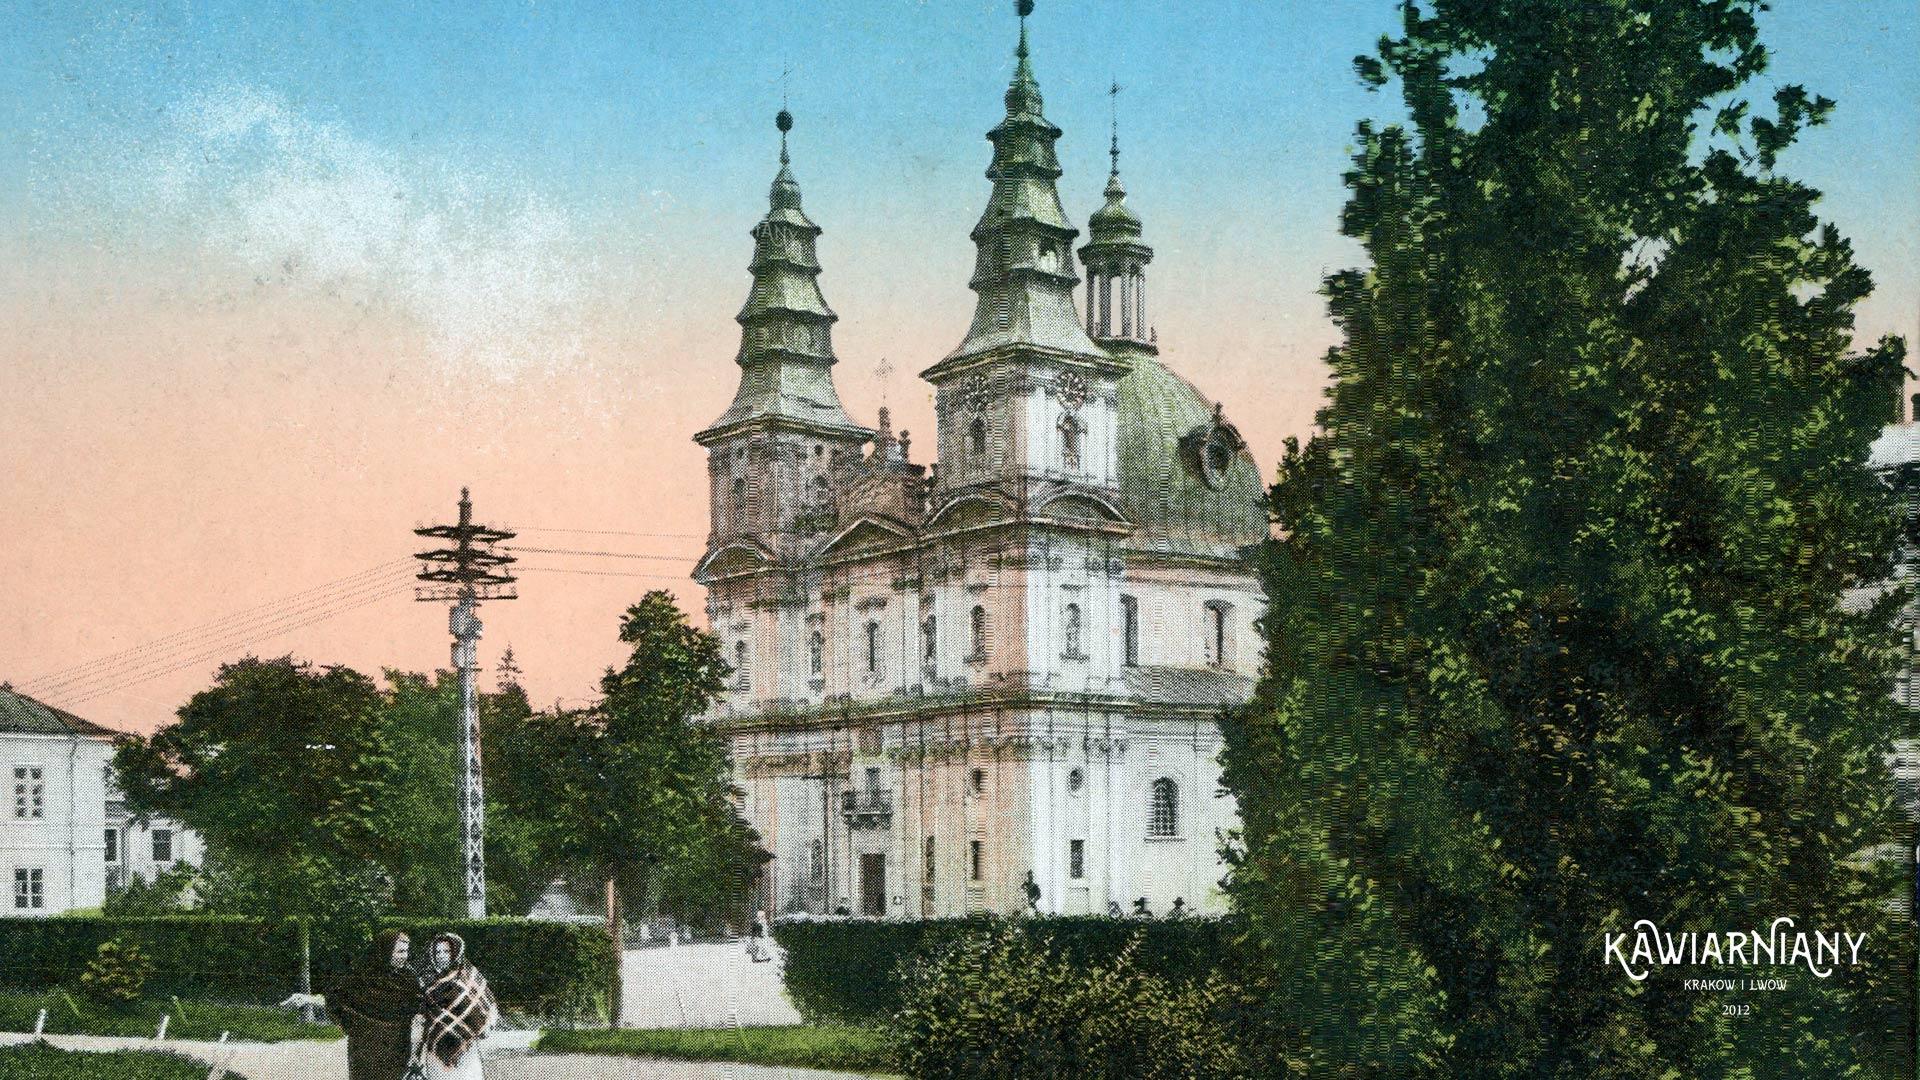 Tarnopol, Kościół Dominikanów